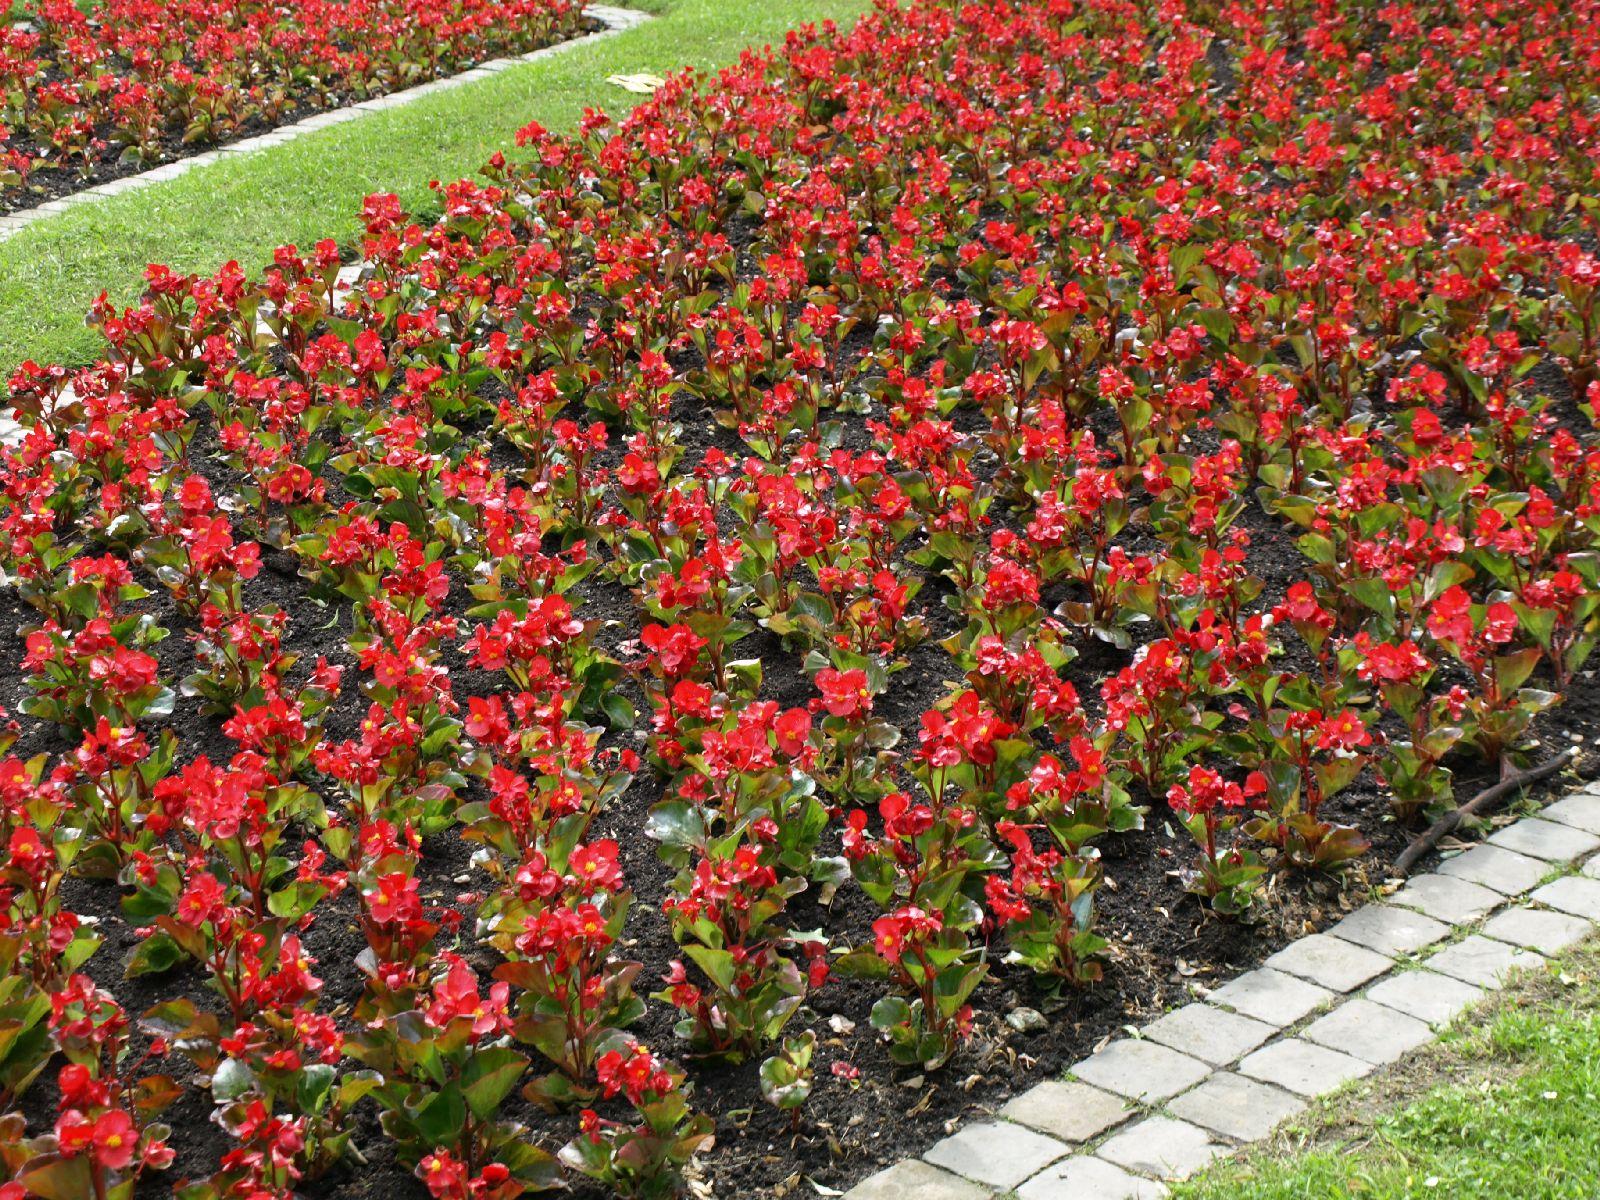 Pflanzen-Blumen-Foto_Textur_B_P6153500